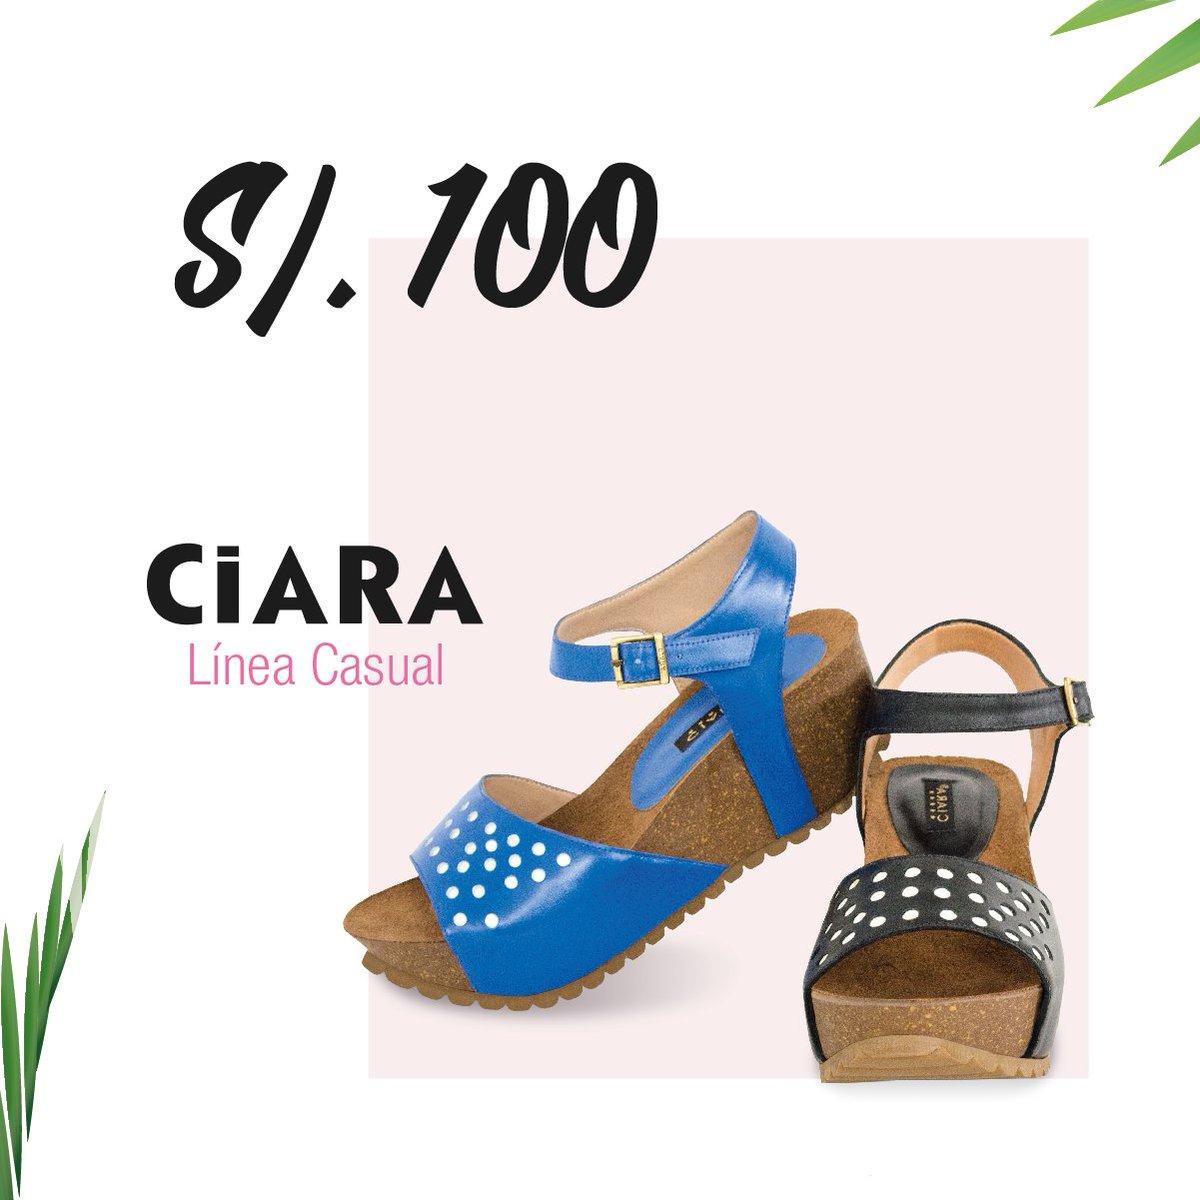 No te quedes sin los nuevos diseños de temporada  En todas nuestras tiendas, hasta agotar Stock solo en #CiaraCalzados #DescuentosDeVerano